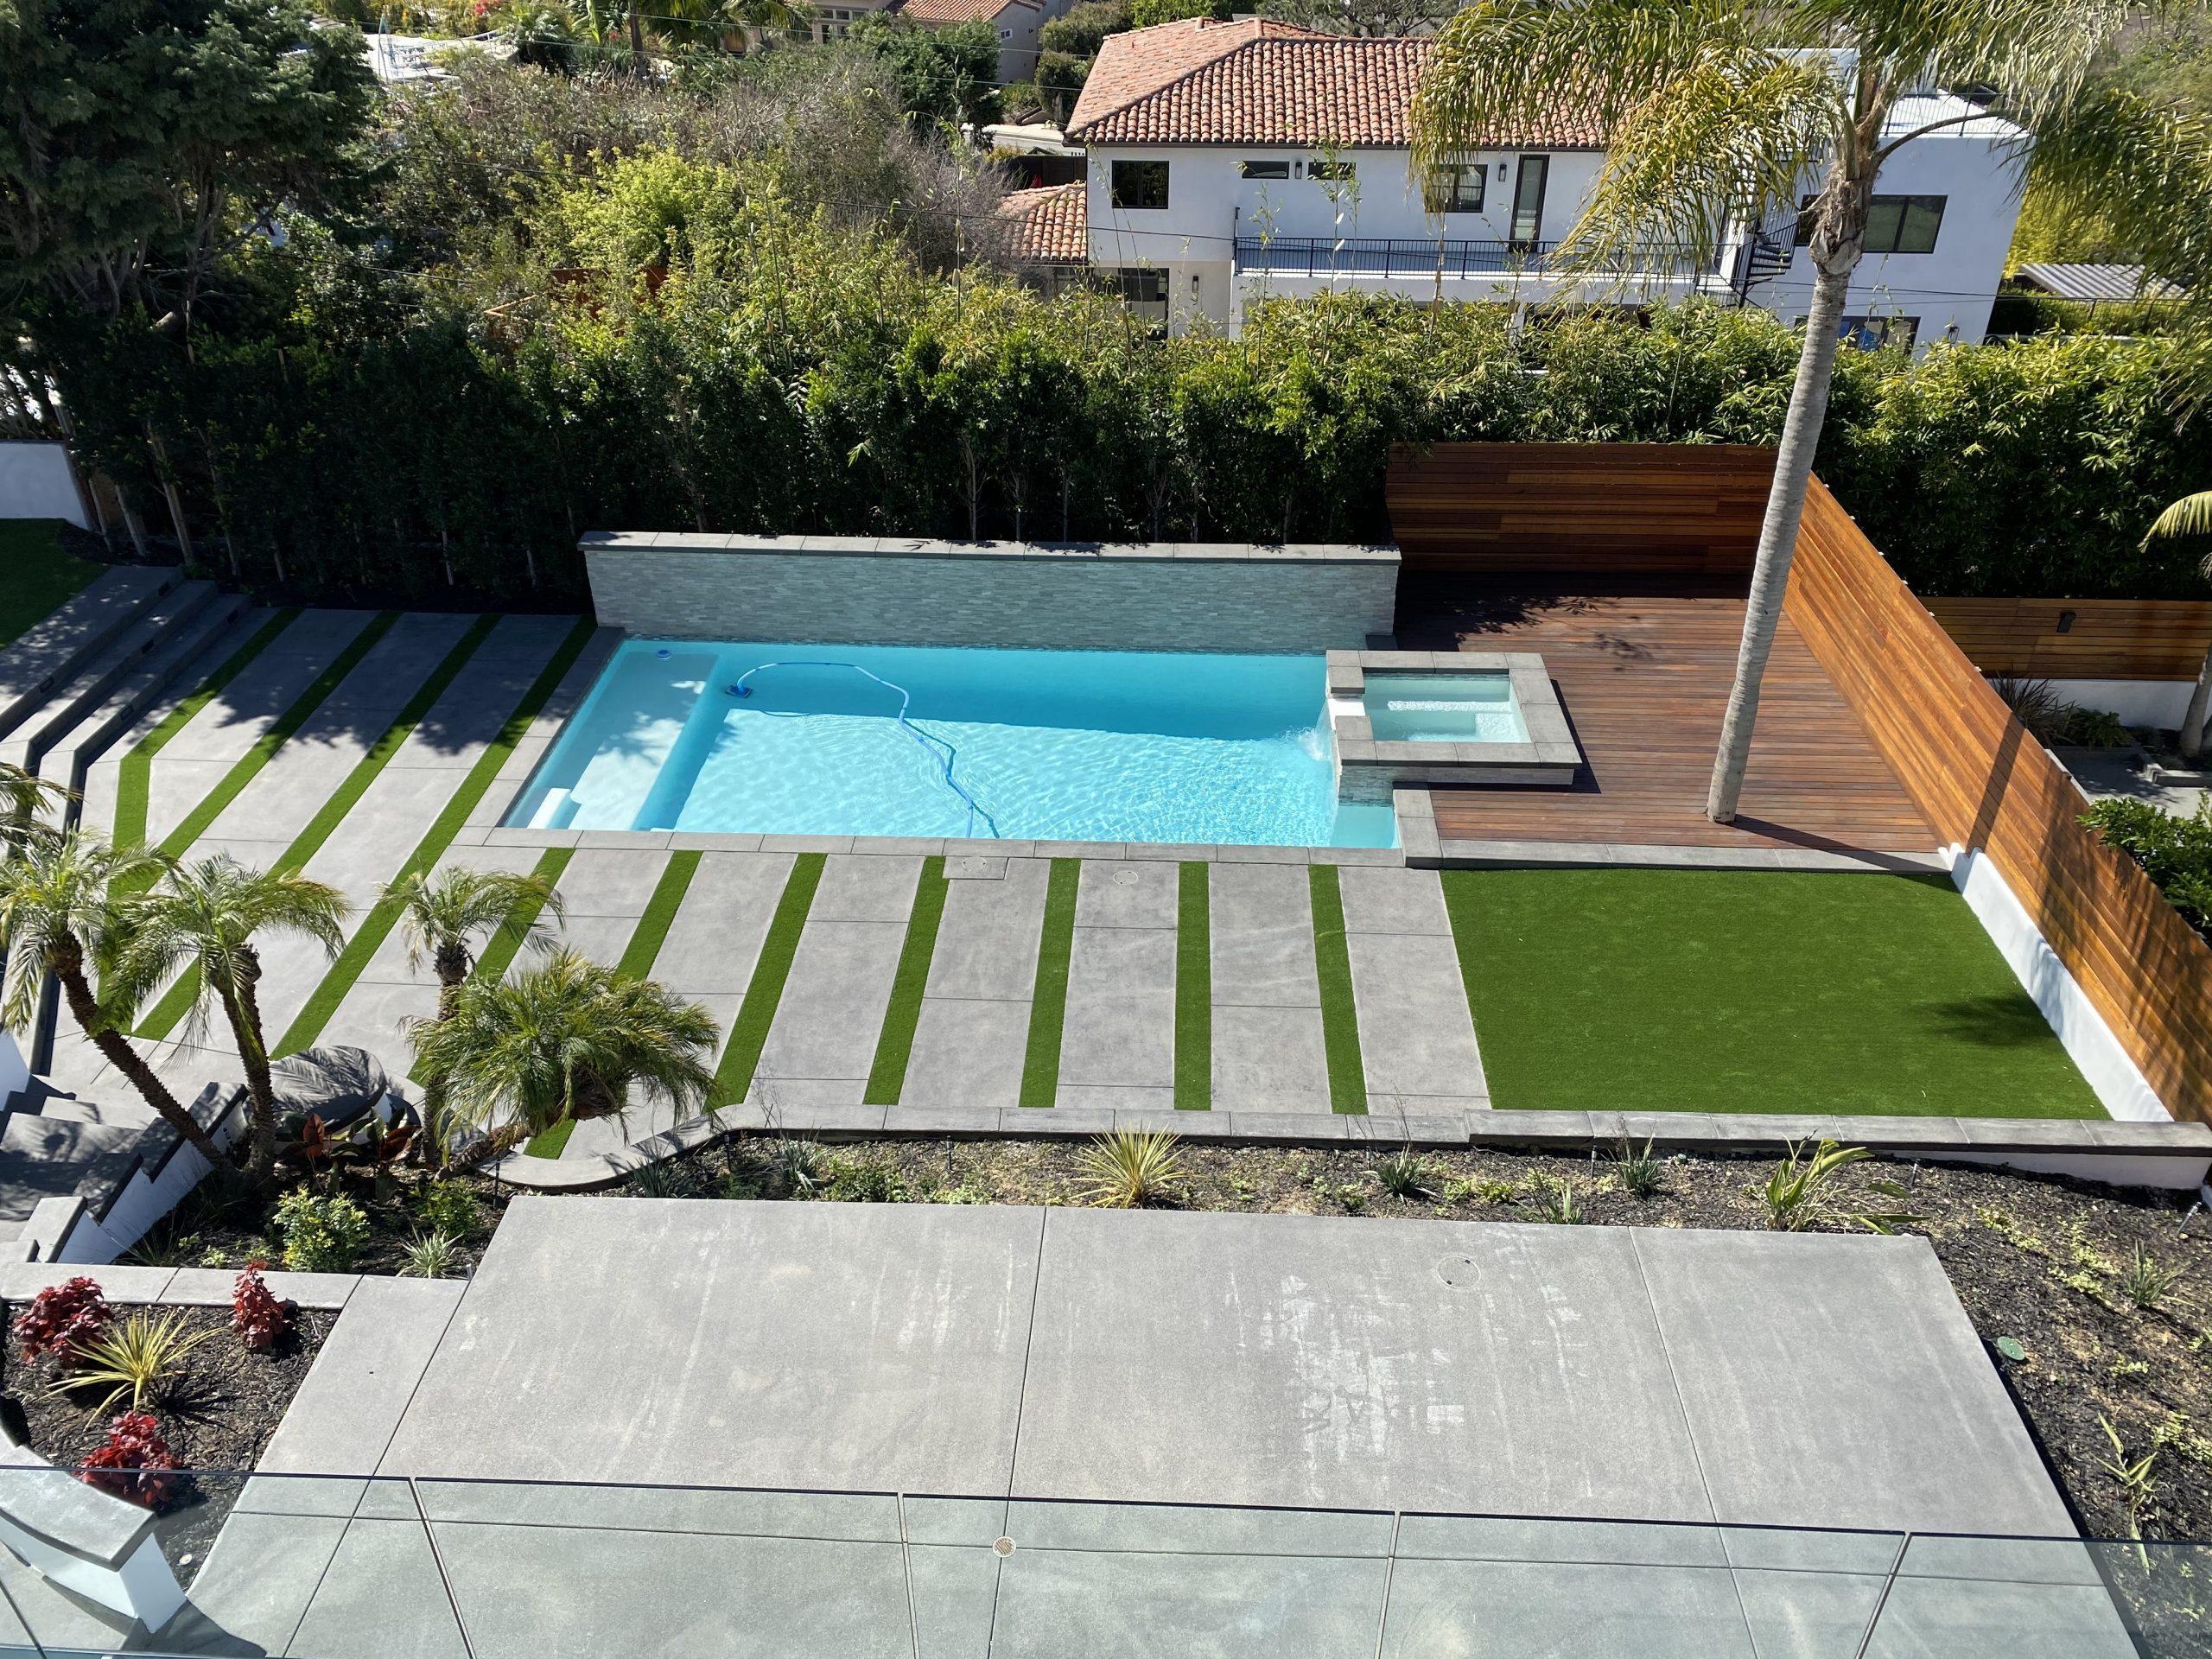 swimming pool San deigo